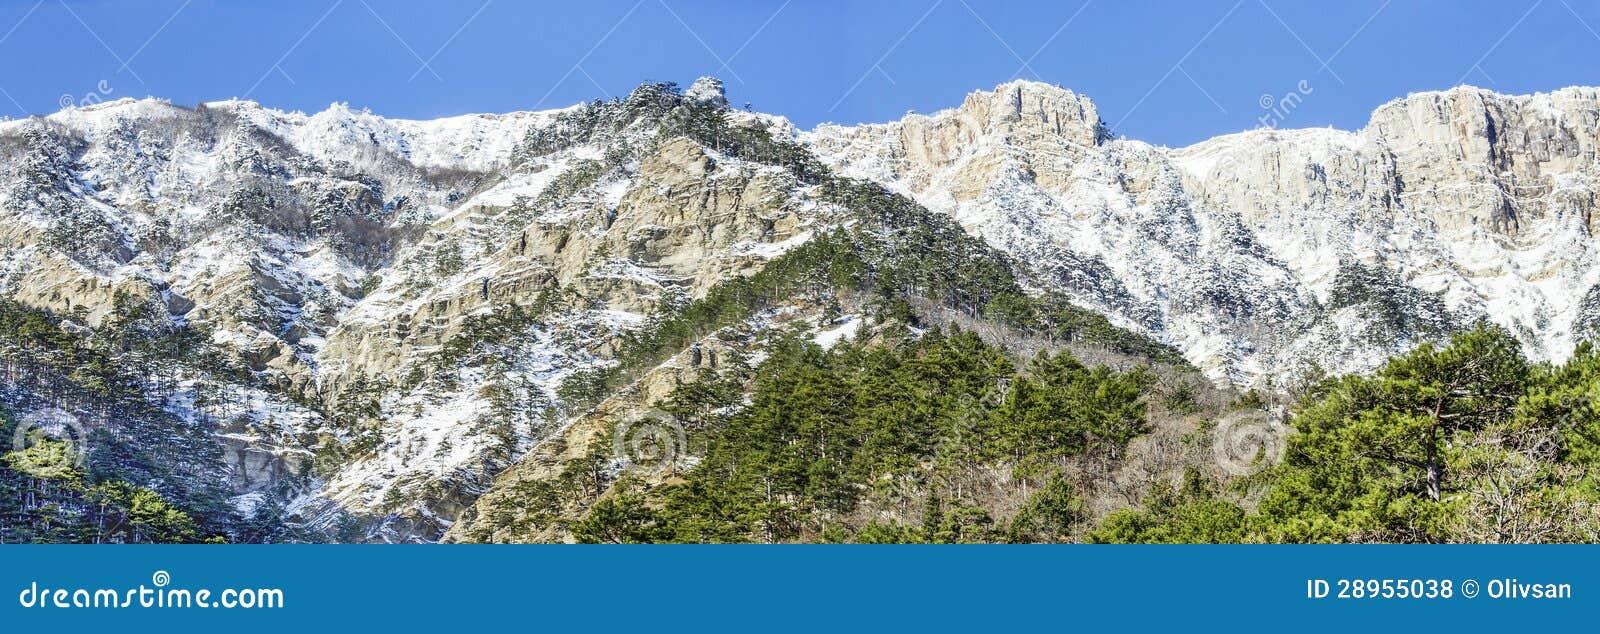 Crimea góry z śniegiem